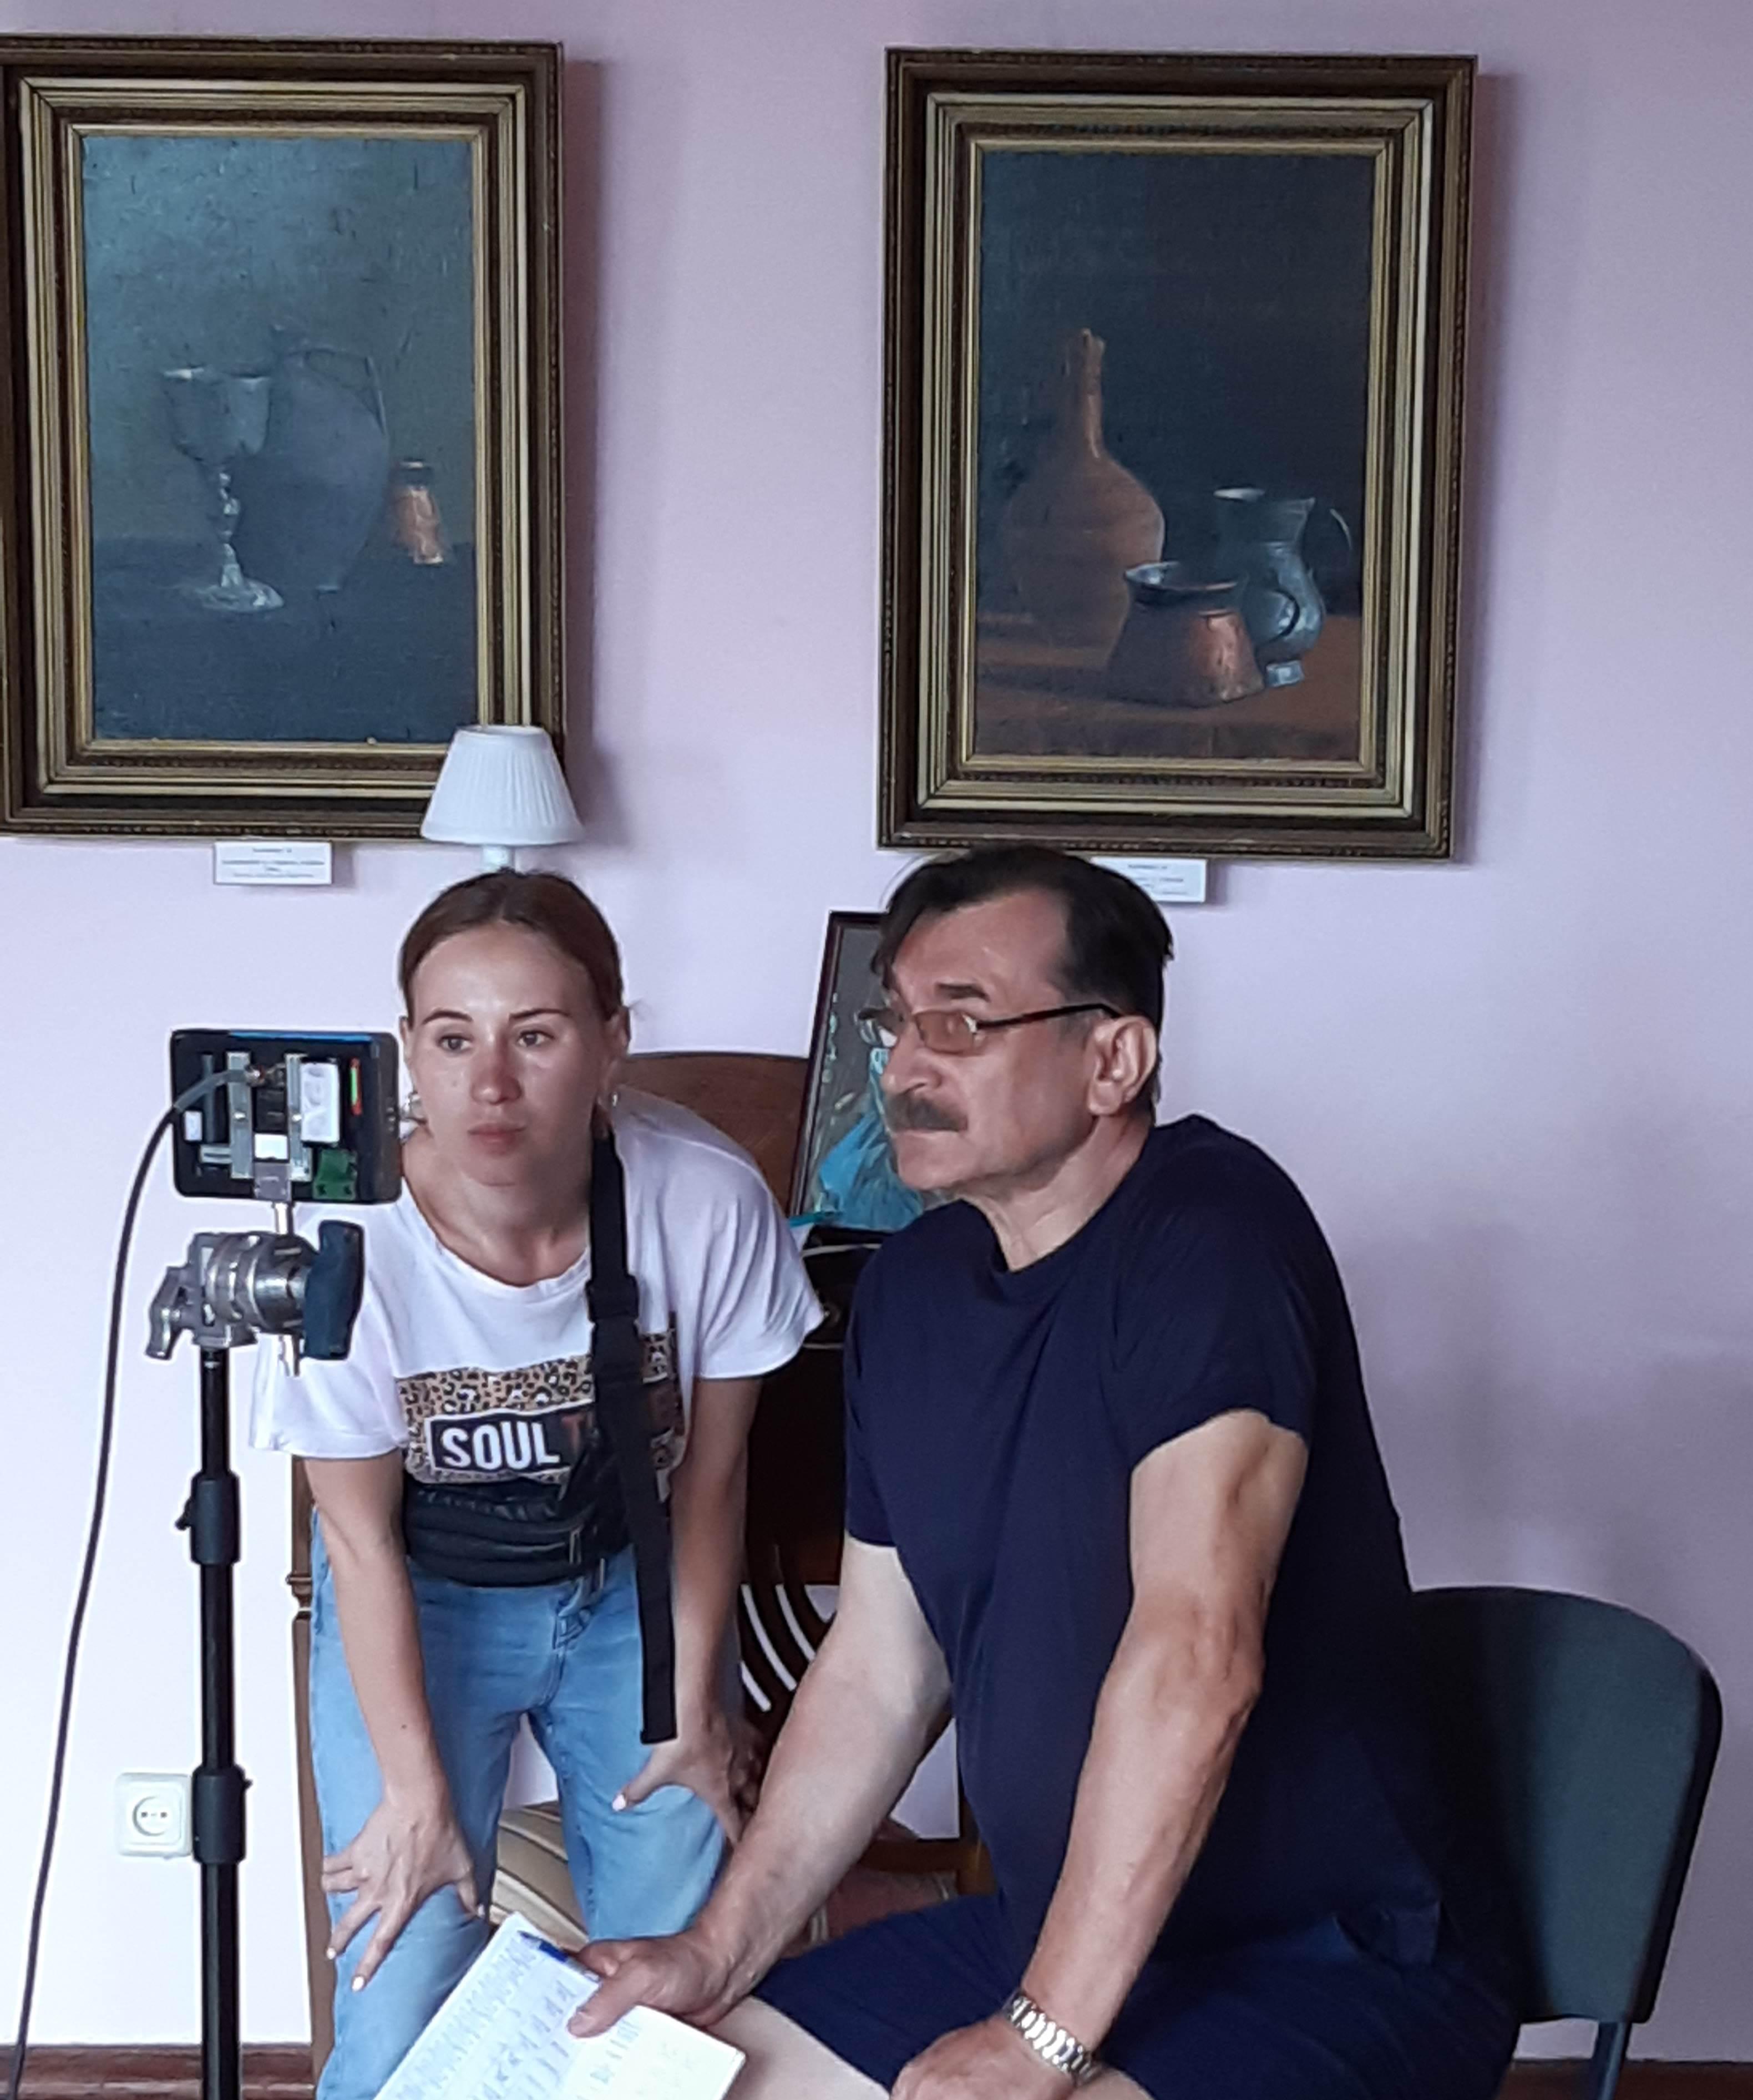 Біля монітору - Василь і ВІкторія